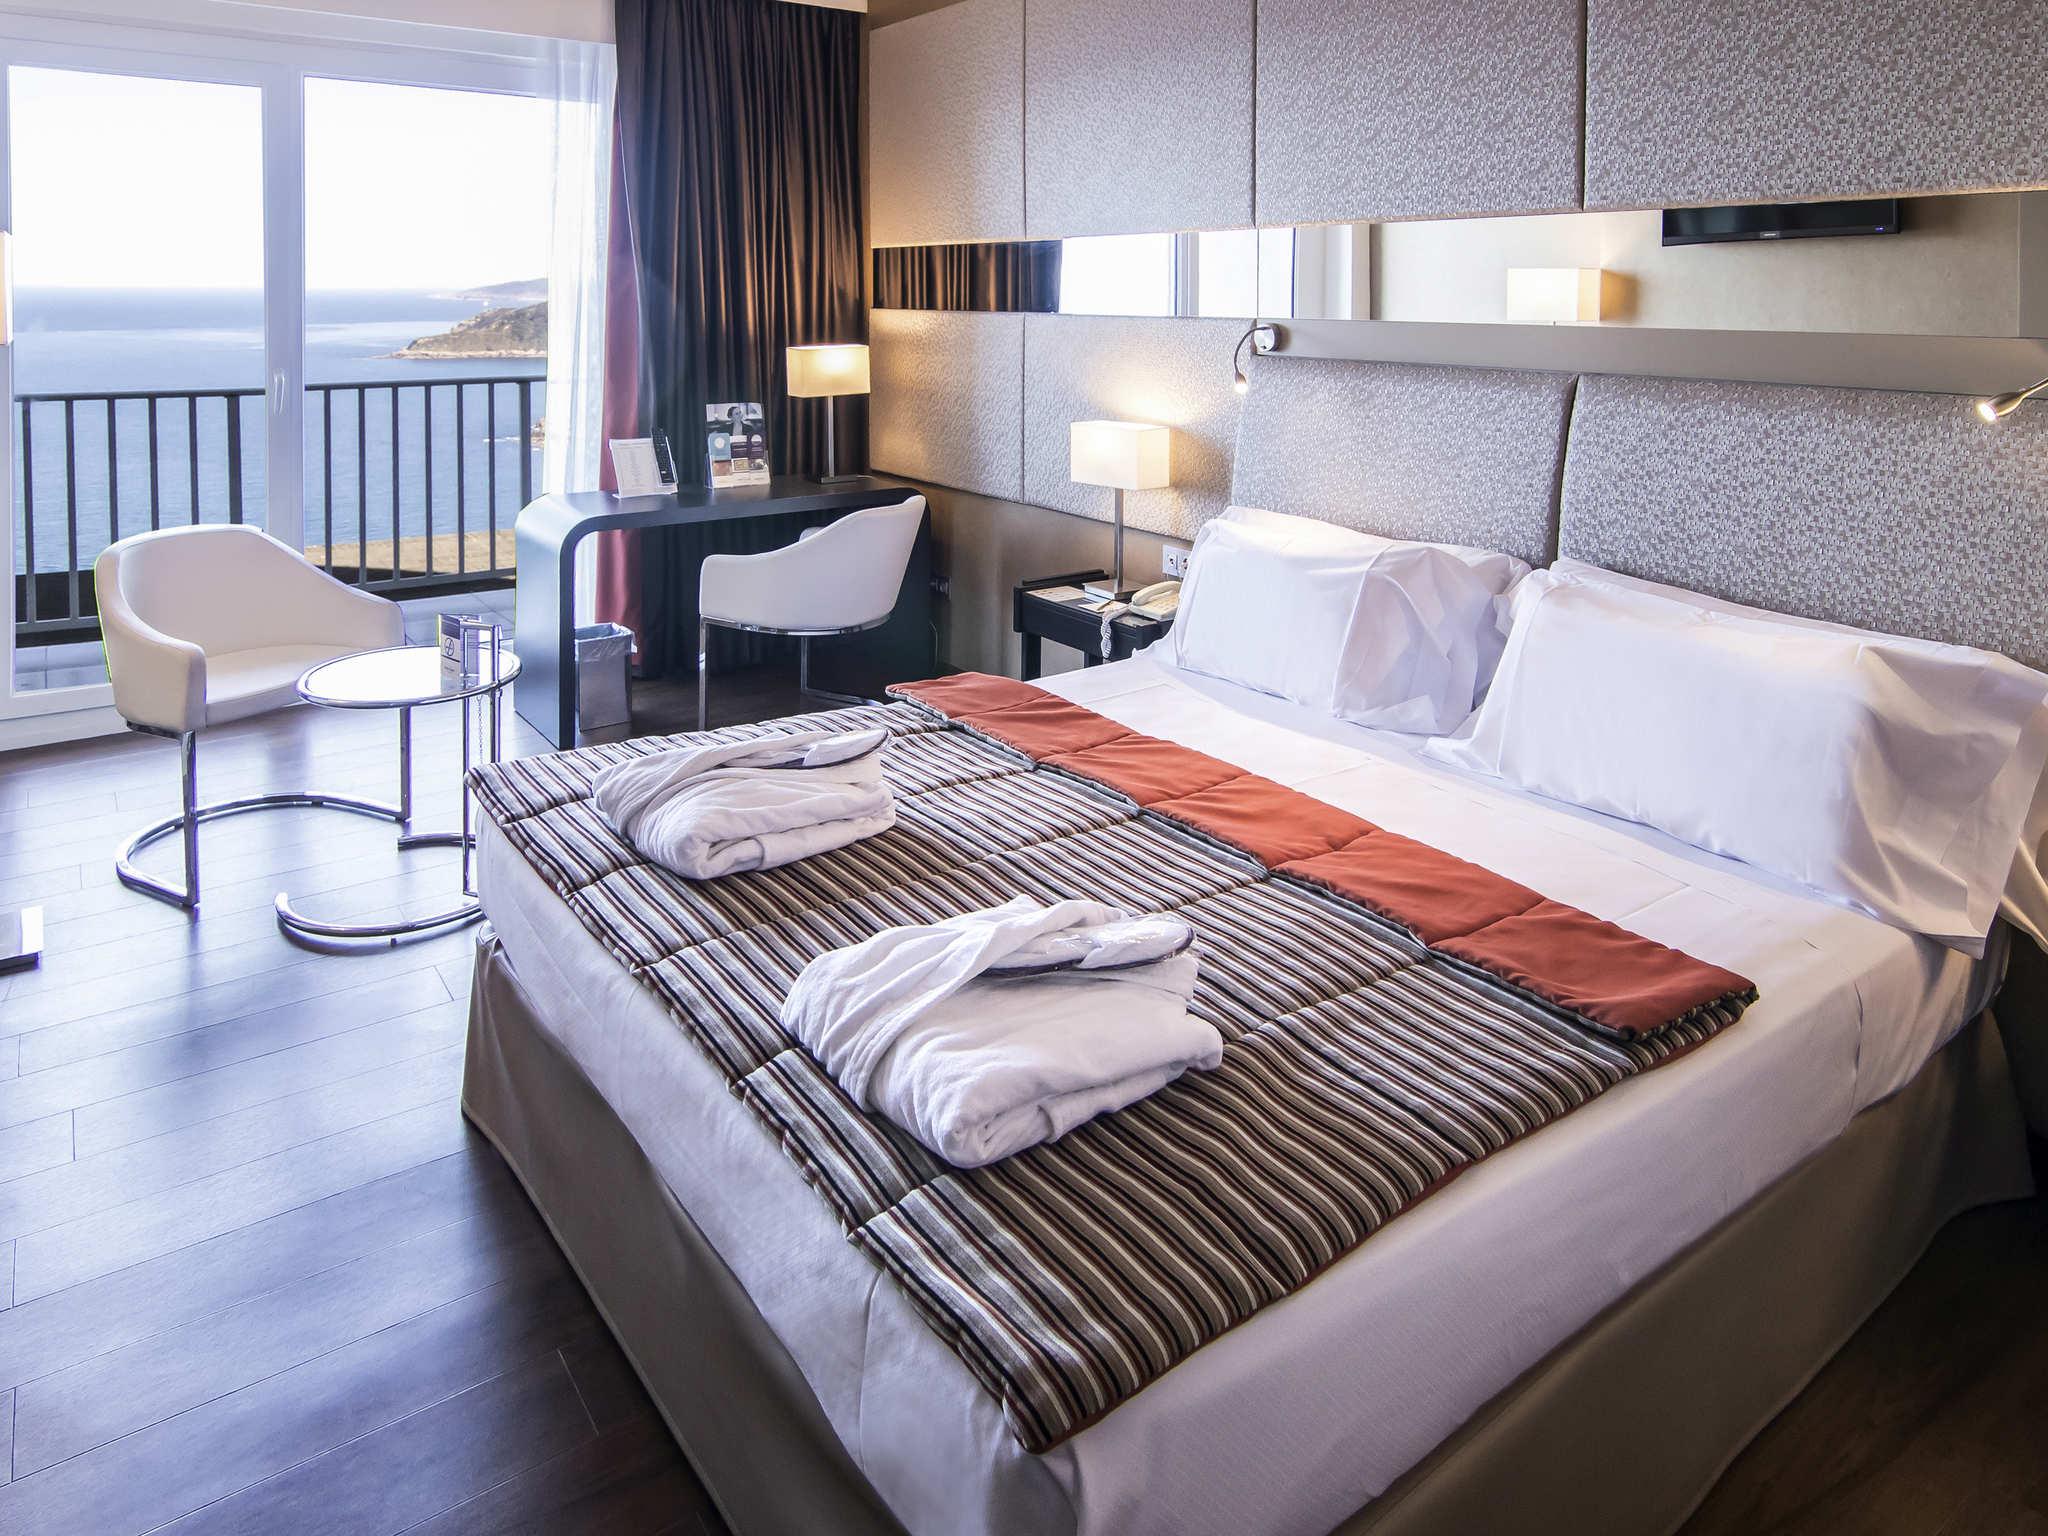 Hotel in san sebastian mercure san sebastian monte igueldo - Hotel iturregi san sebastian ...